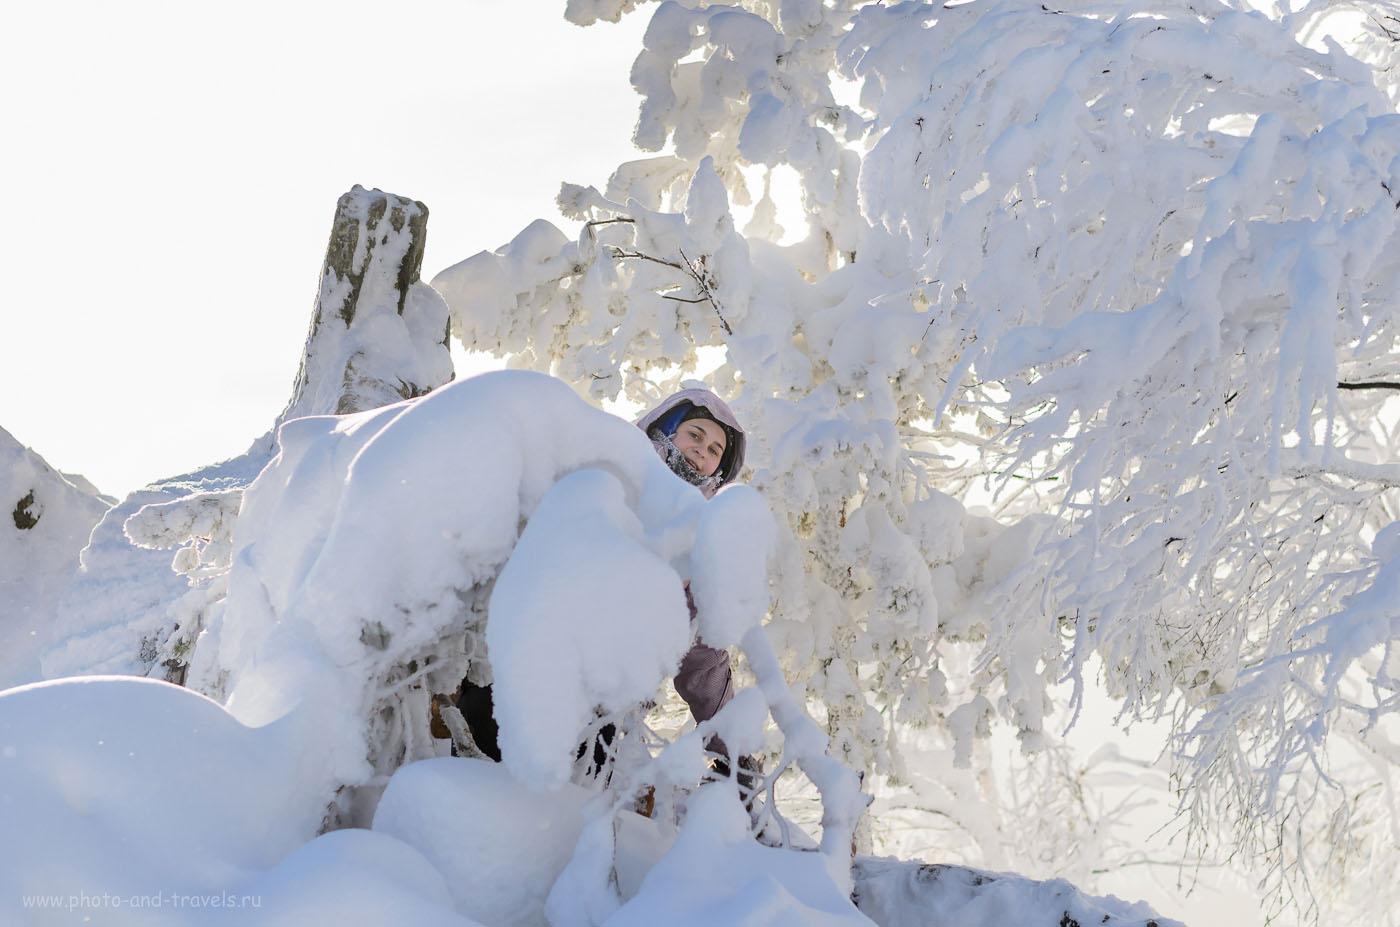 Фотография 8. На вершине Двуглавой сопки в парке Таганай зимой. Отзывы туристов о пеших походах на Урале. 1/4000, 2.5, 200, 50.